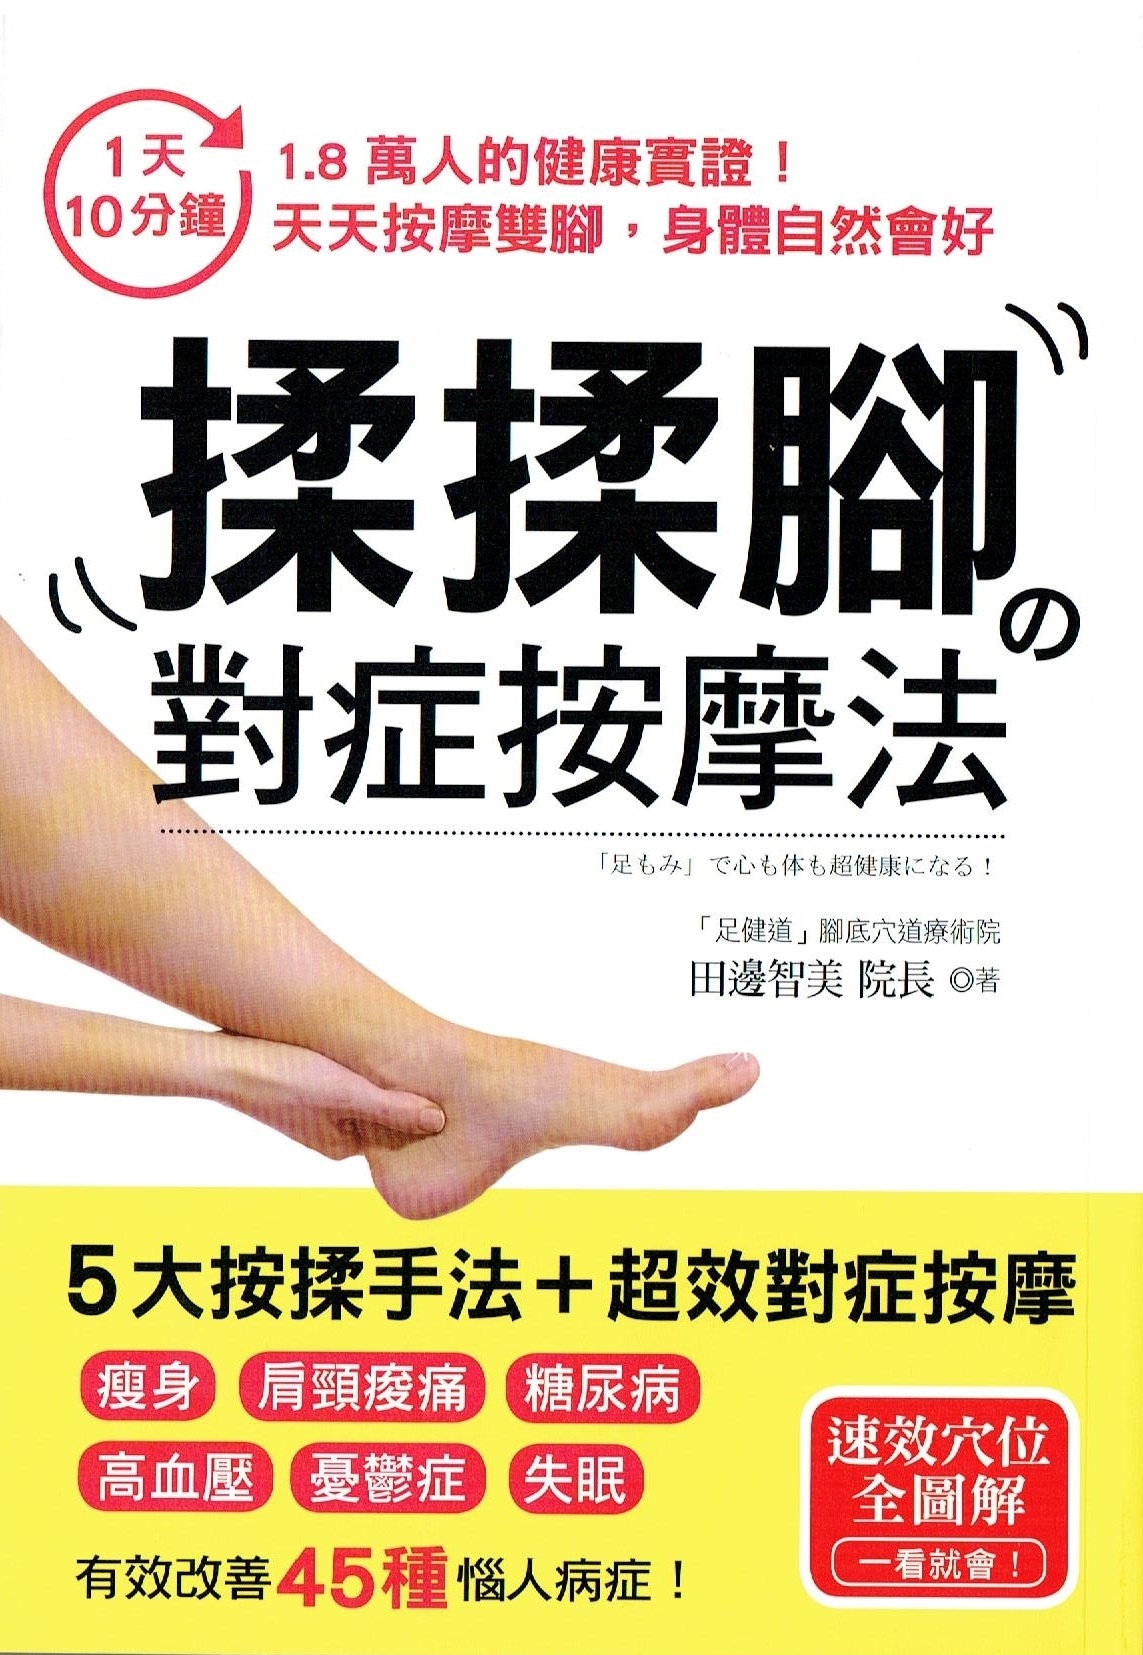 台湾版 - コピー (2)